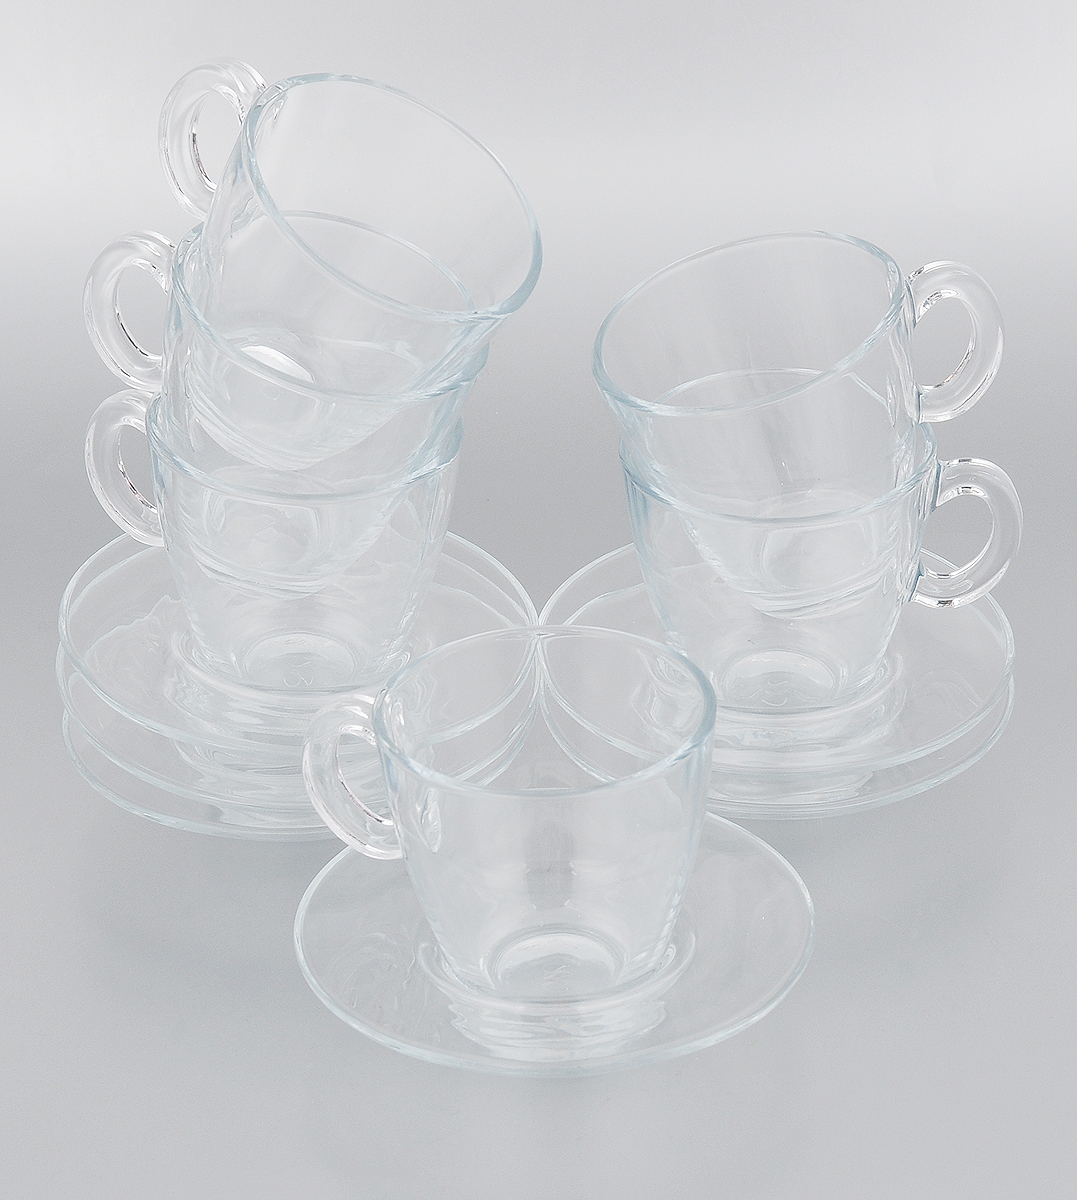 Набор чайный Pasabahce Aqua, 12 предметов95040BTЧайный набор Pasabahce Aqua состоит из шести чашек ишести блюдец. Предметы набора изготовлены из прочногонатрий-кальций-силикатного стекла.Изящный чайный набор великолепно украсит стол к чаепитиюи порадует вас и ваших гостей ярким дизайном и качествомисполнения. Можно использовать в микроволновой печи, в холодильнике имыть в посудомоечной машине.Диаметр чашки по верхнему краю: 8 см. Высота чашки: 8 см. Объем чашки: 215 мл. Диаметр блюдца: 13 см. Высота блюдца: 2,5 см.